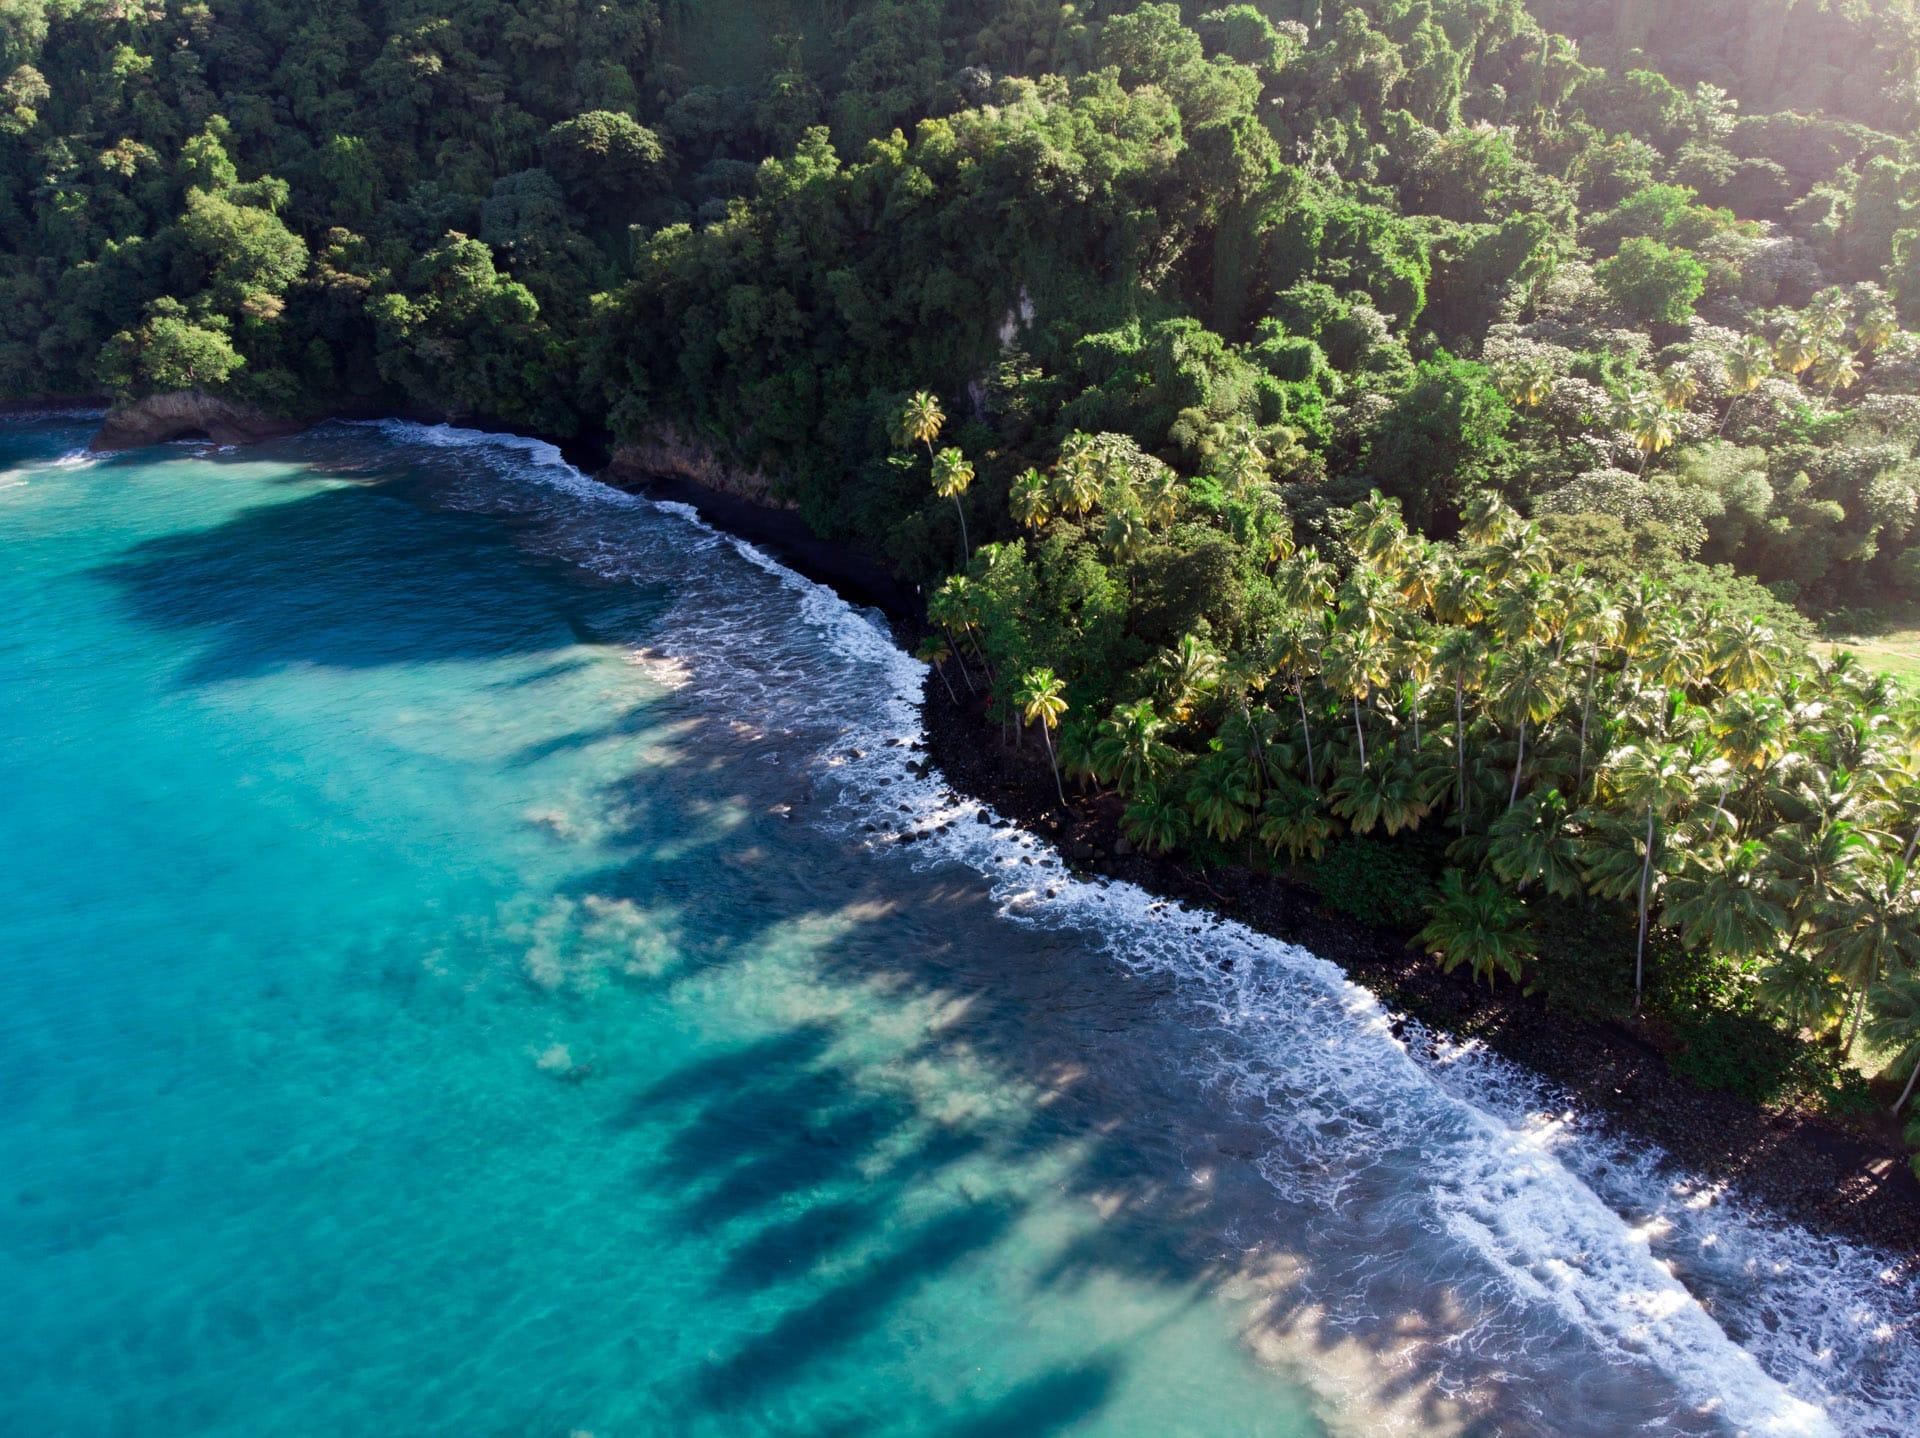 DJI 0207 - Voyage en Martinique : Itinéraire et conseils